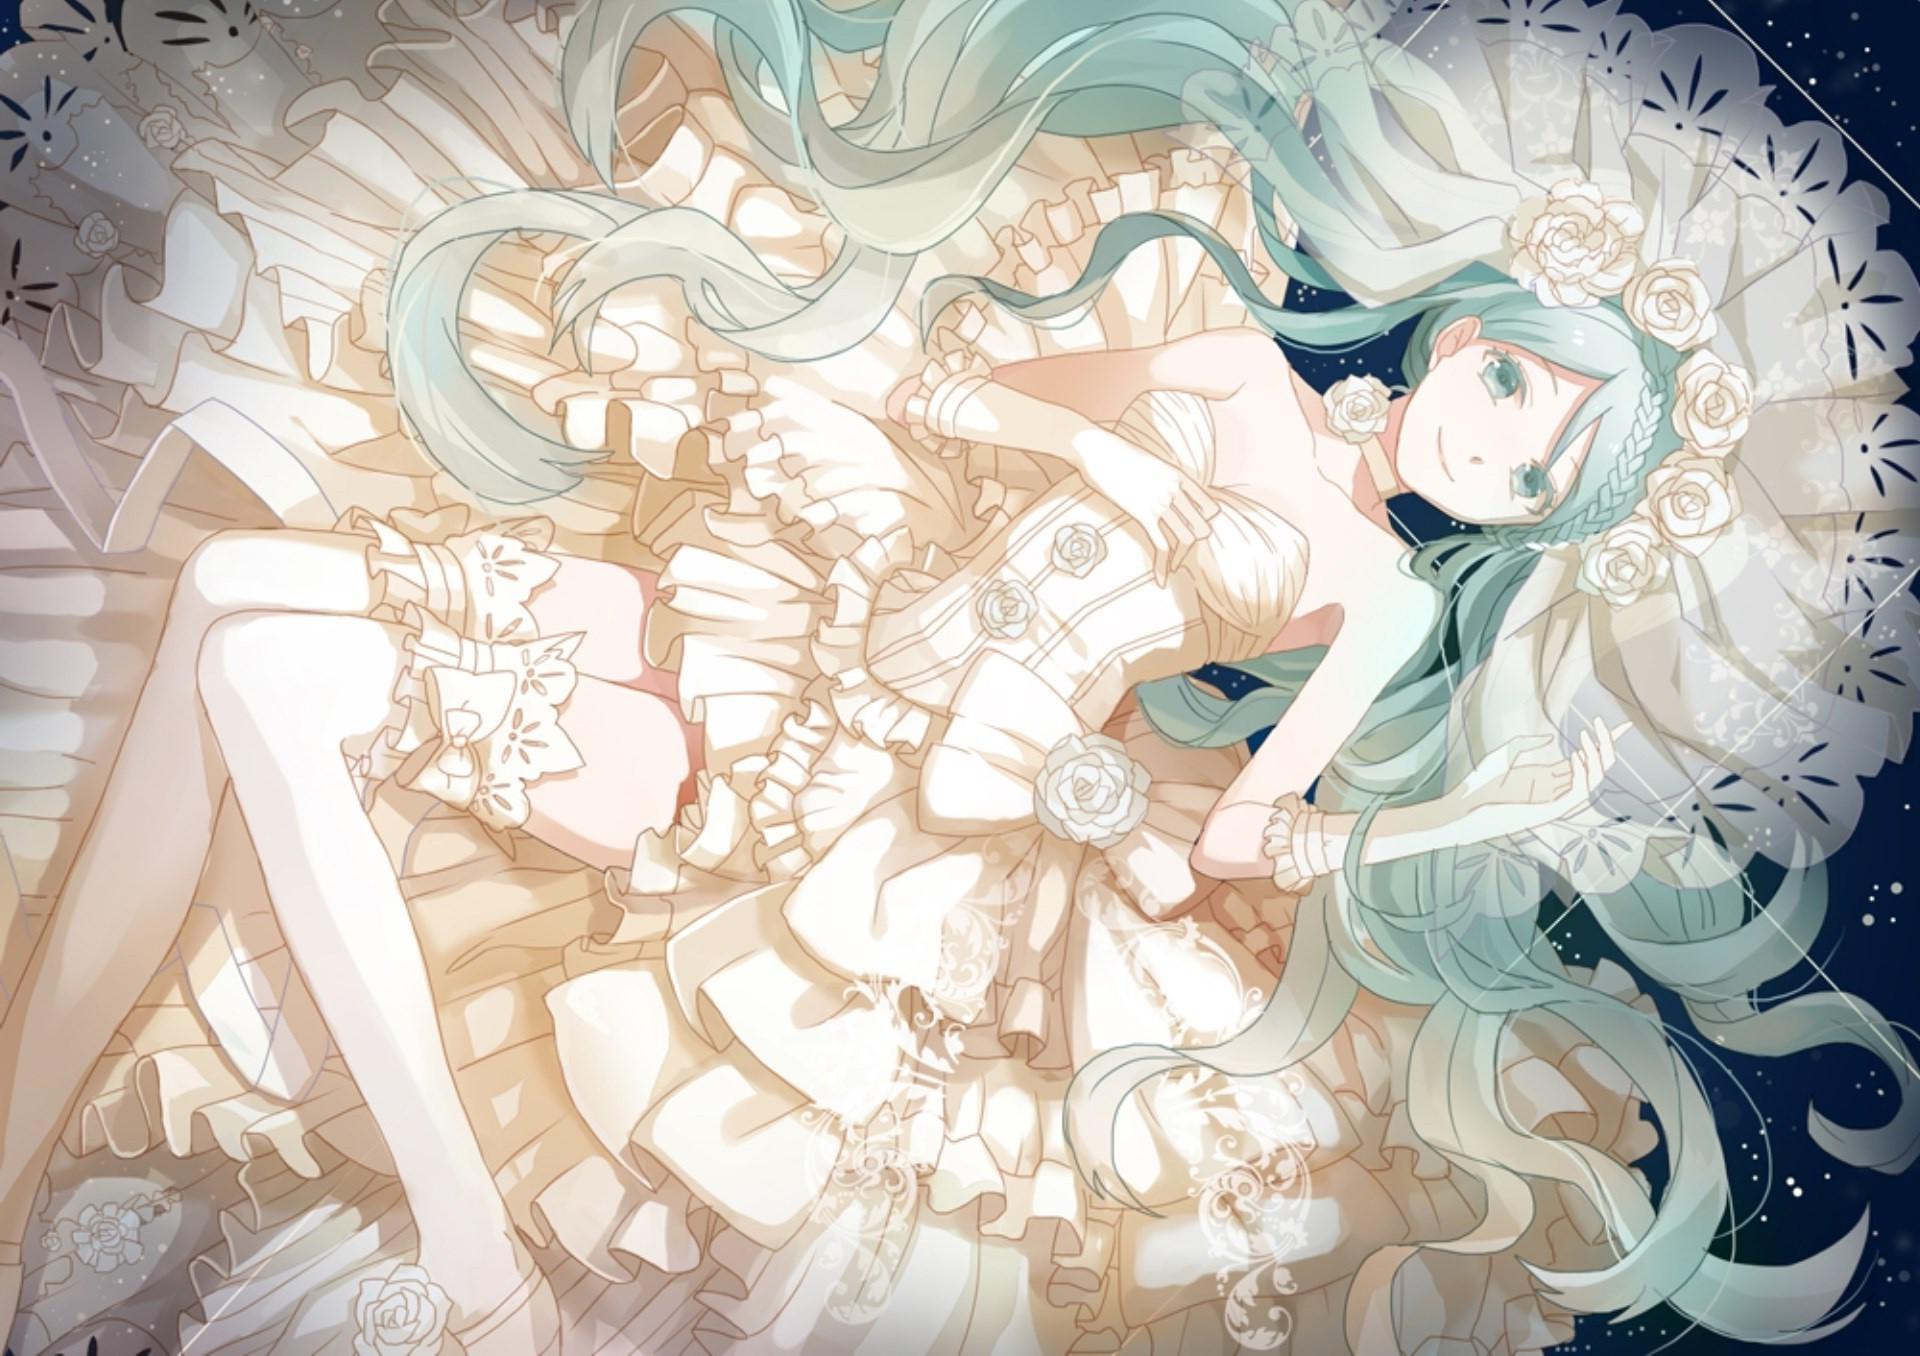 Gambar ilustrasi anime gadis anime gaun putih gaun vocaloid gaun pengantin mitologi sketsa karakter fiksi mangaka